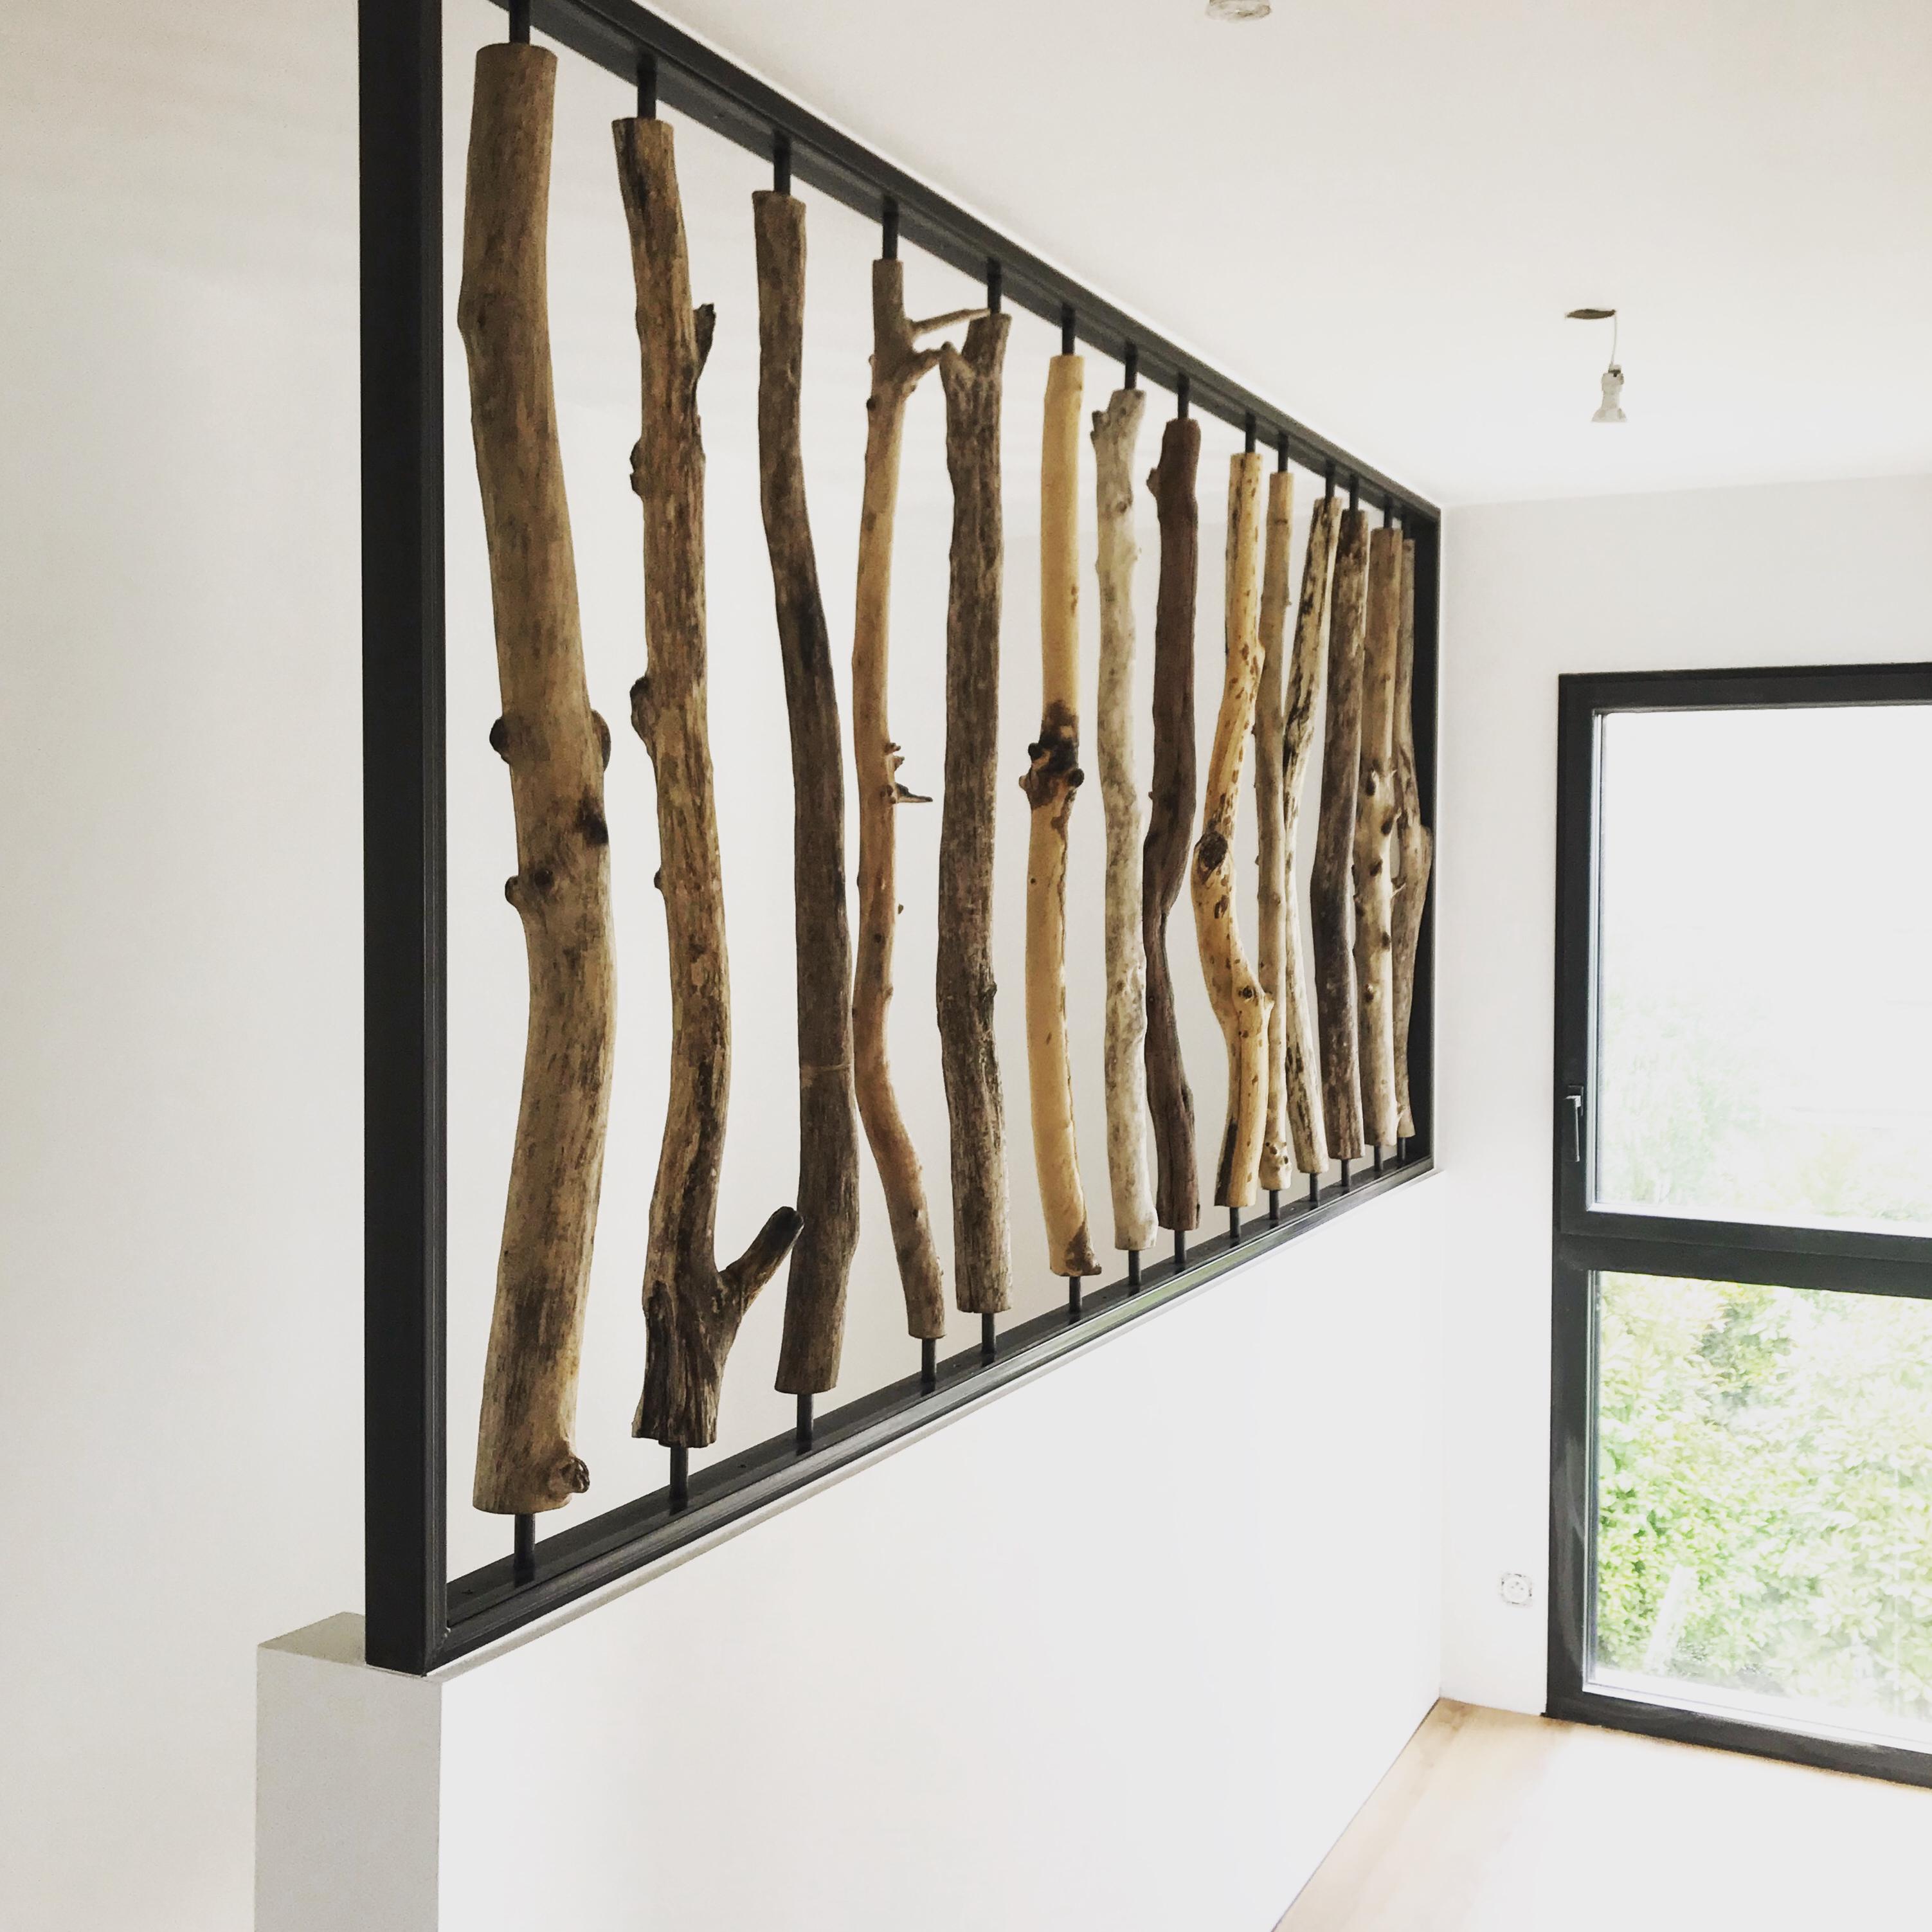 Créations En Bois Flotté mur en bois flotté - jp briand créations : création de